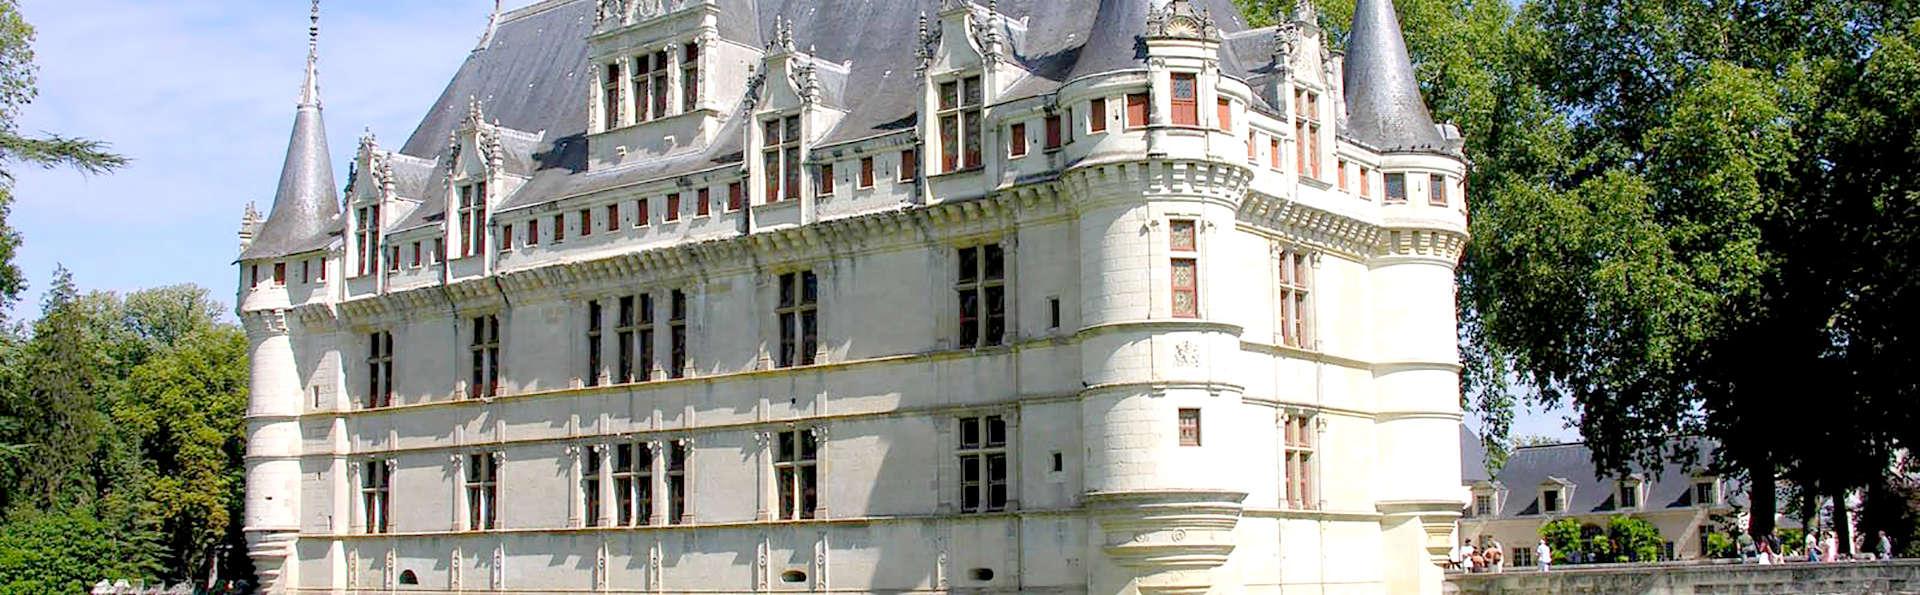 Château Golf des Sept Tours - Edit_Front2.jpg